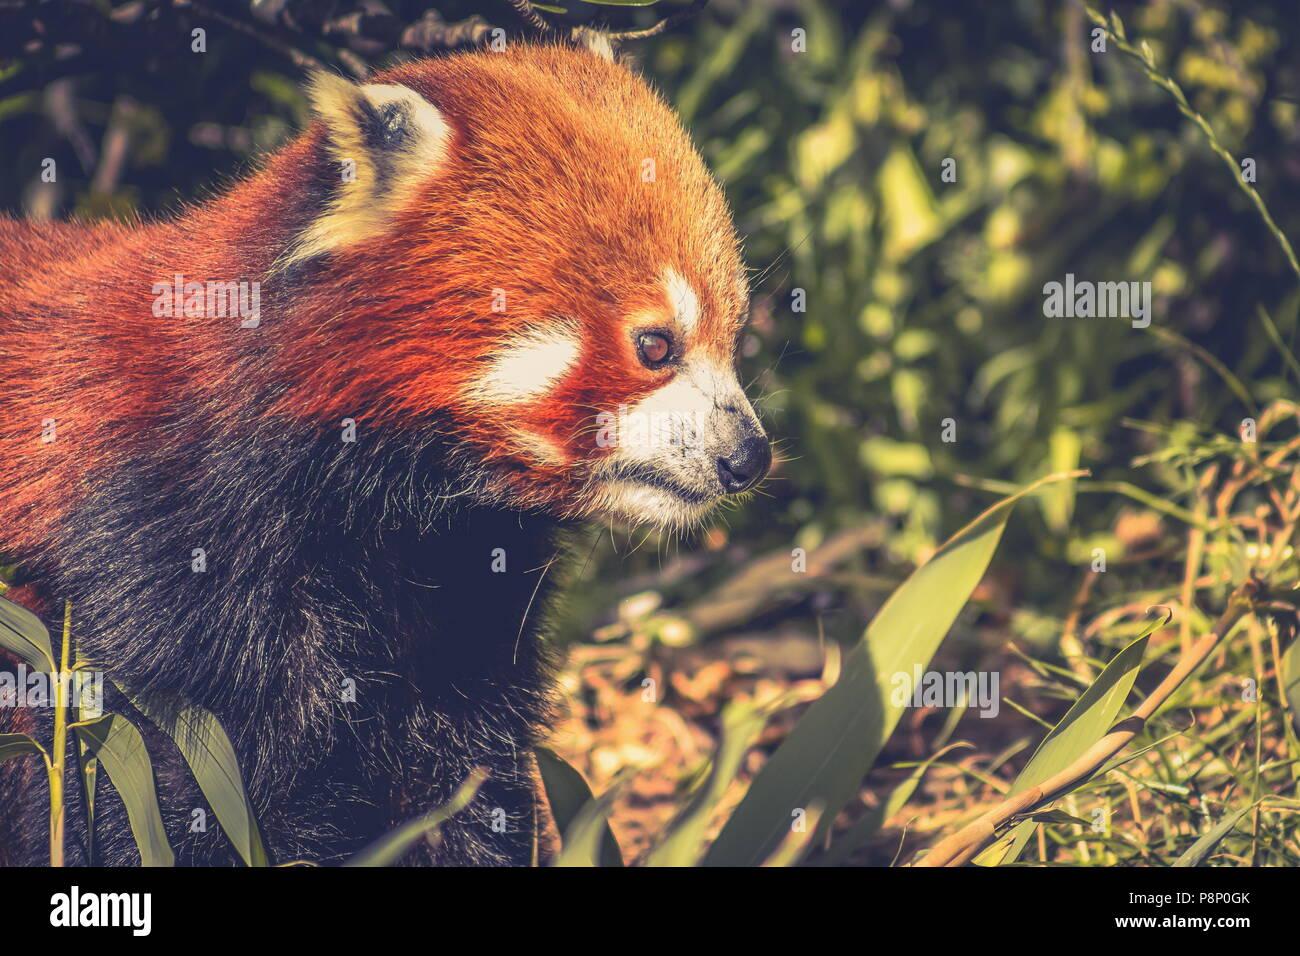 Cerrar la imagen de un panda rojo (Ailurus fulgens) con espacio de copia Imagen De Stock